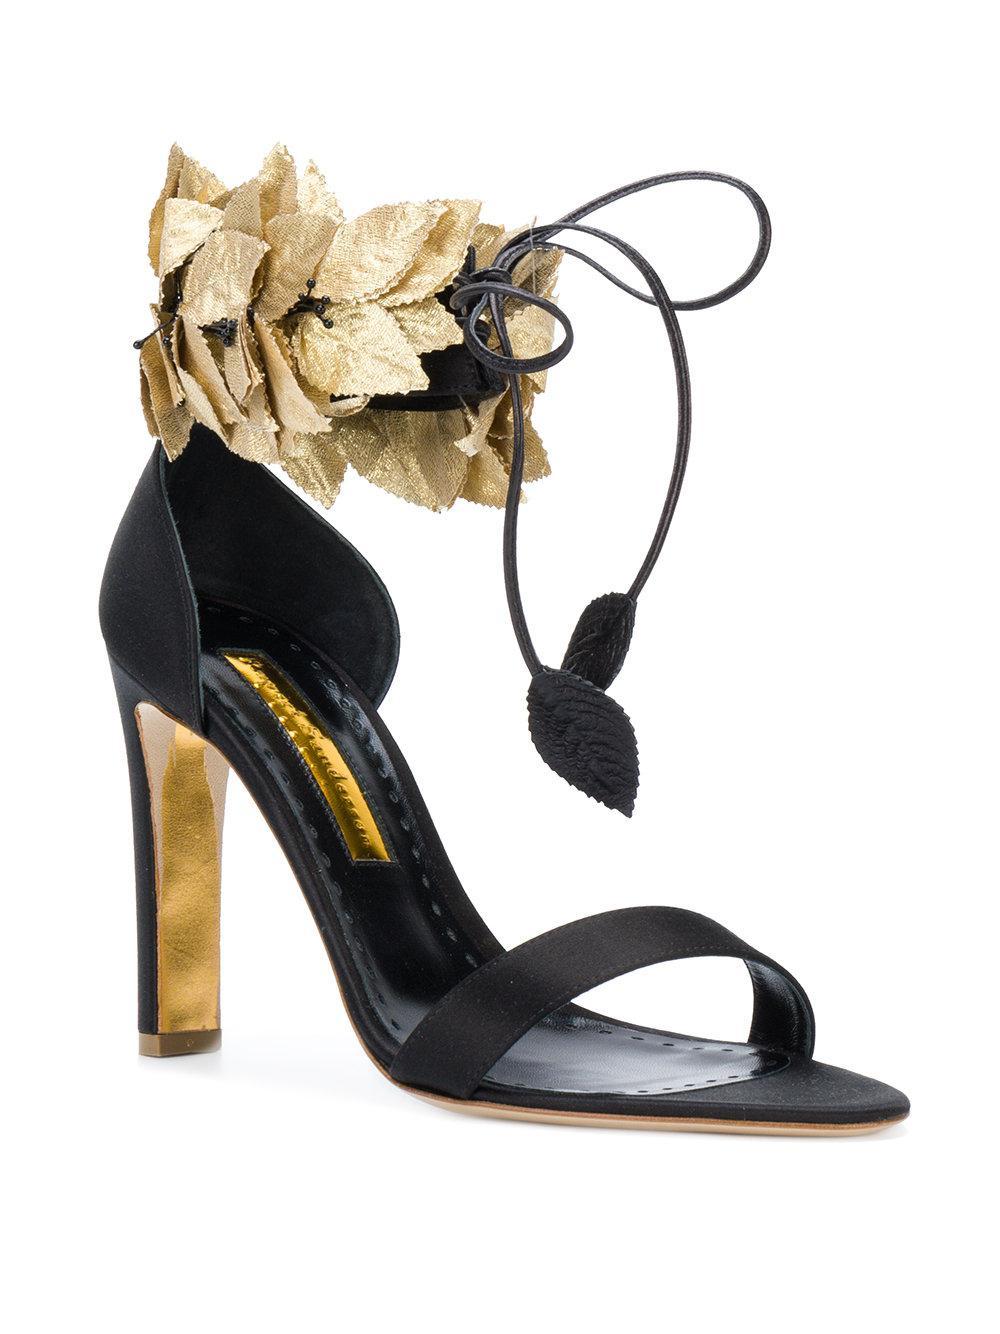 Rupert Sanderson leafy ankle strap sandals - Black farfetch bianco Venta Cómoda Manchester Gran Venta Compras En Línea Para La Venta yjC0Hrg